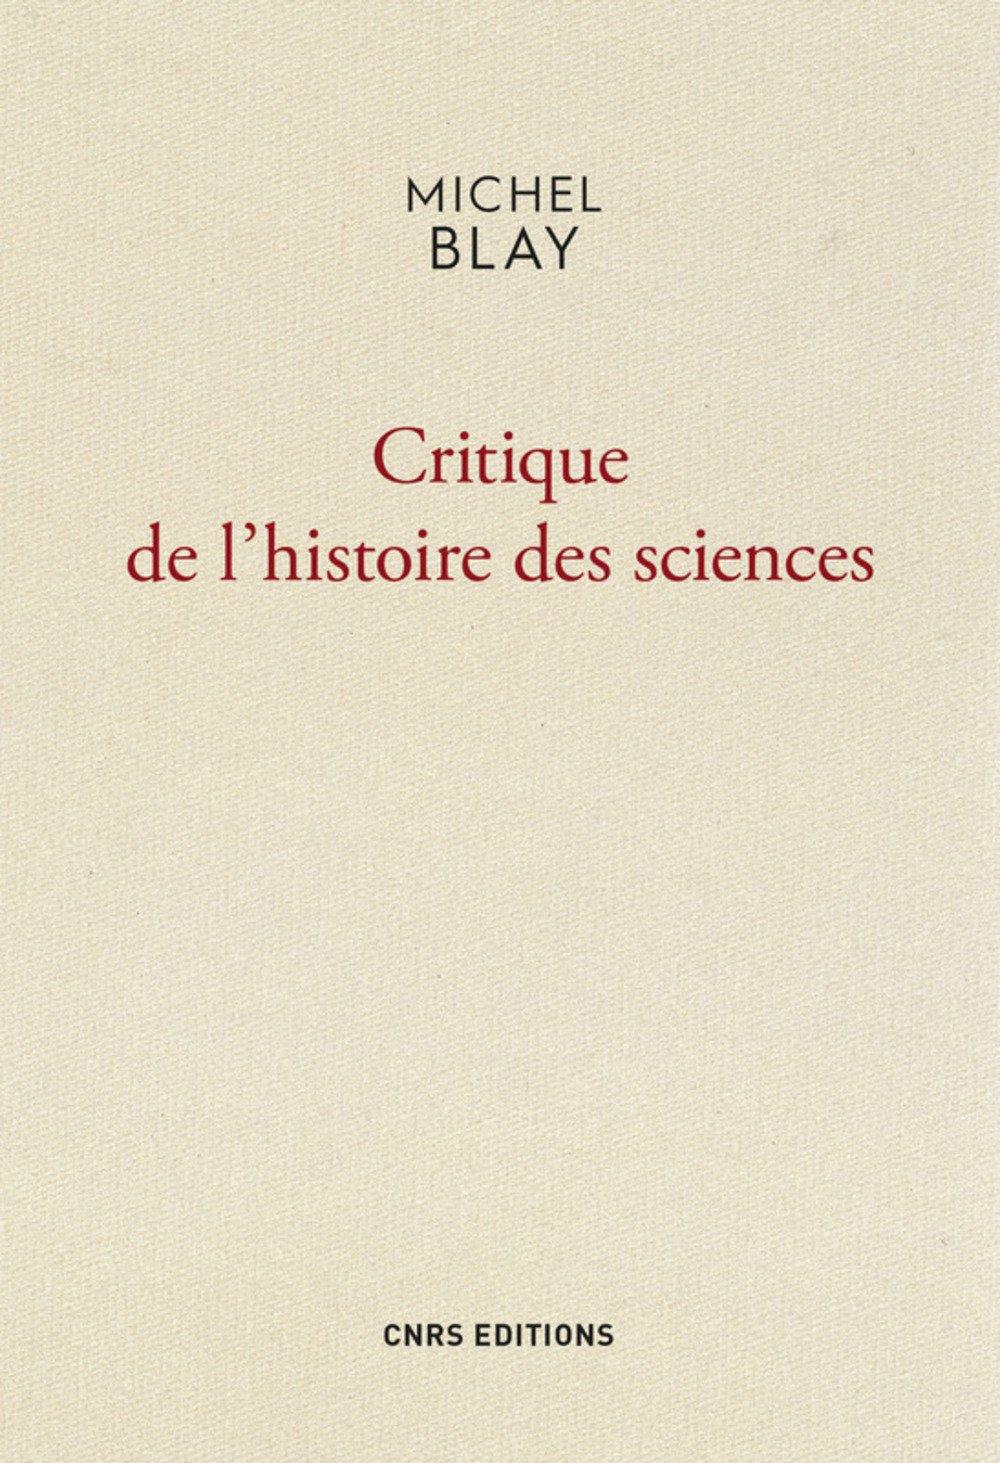 Critique de l'histoire des sciences (M. Blay, CNRS Ed.)